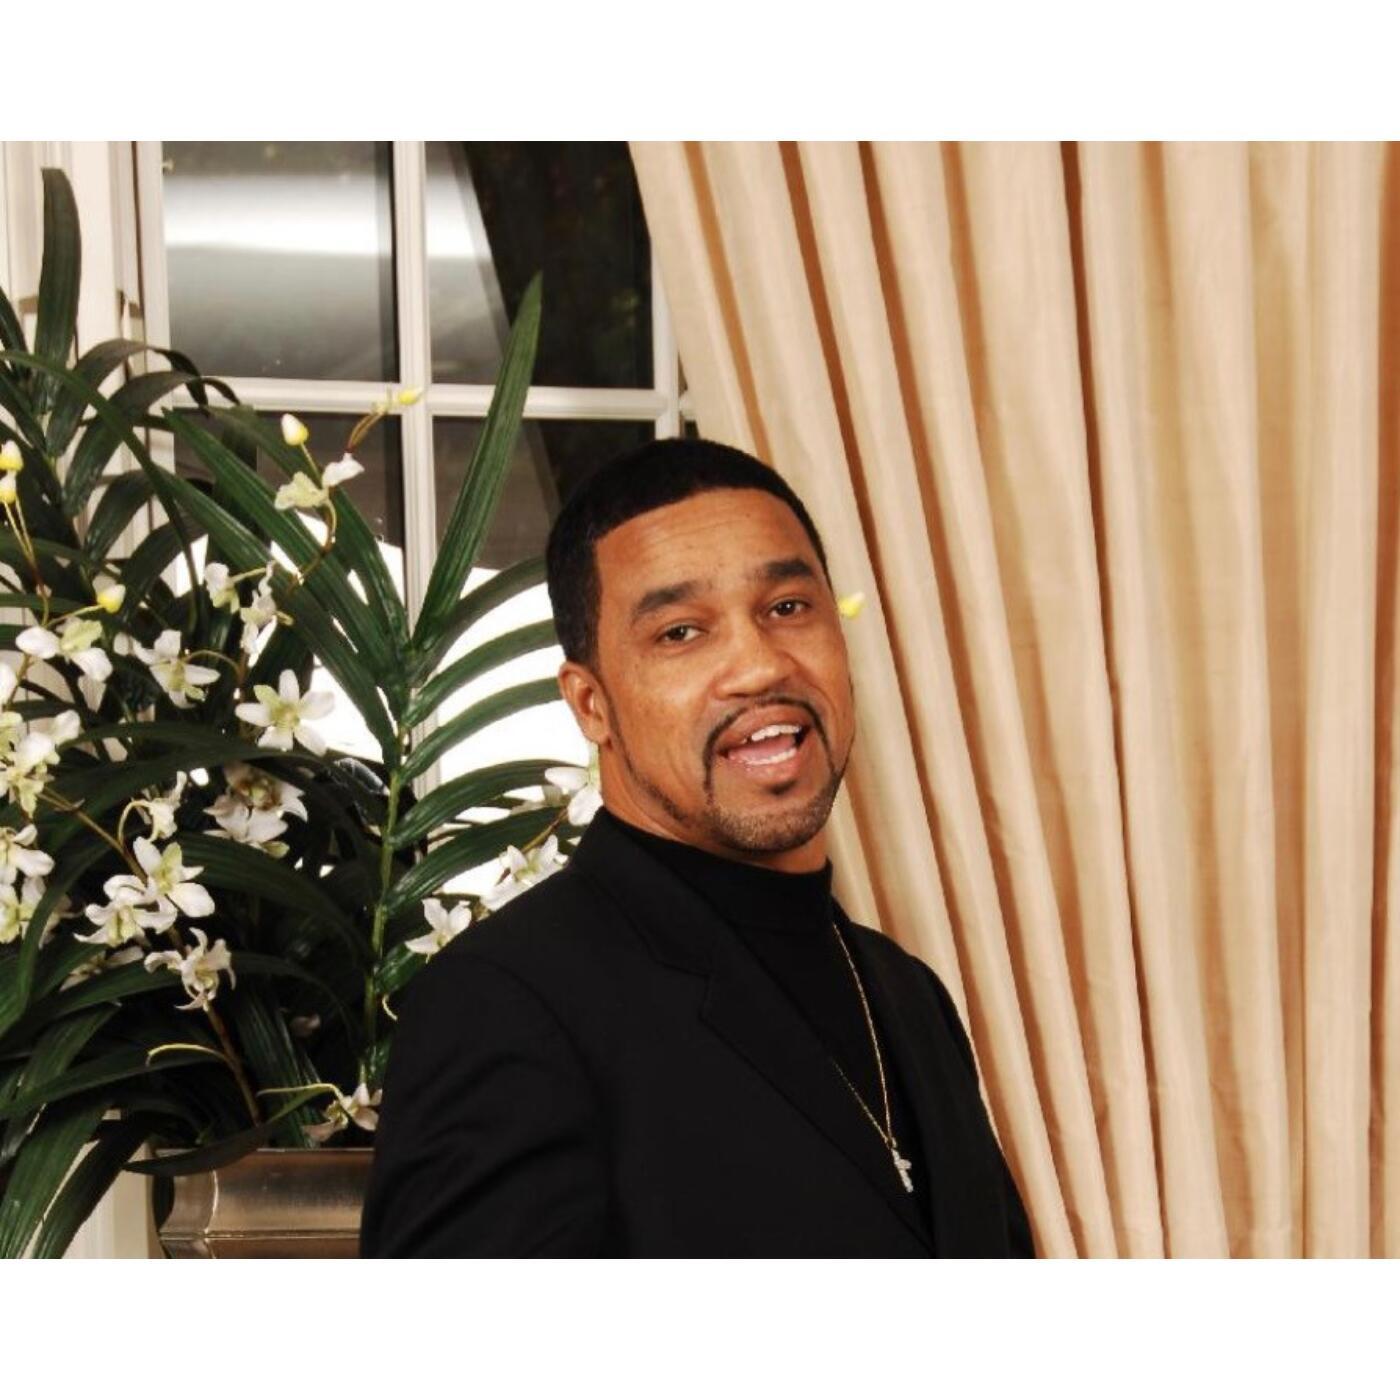 Pastor Darrell Scott